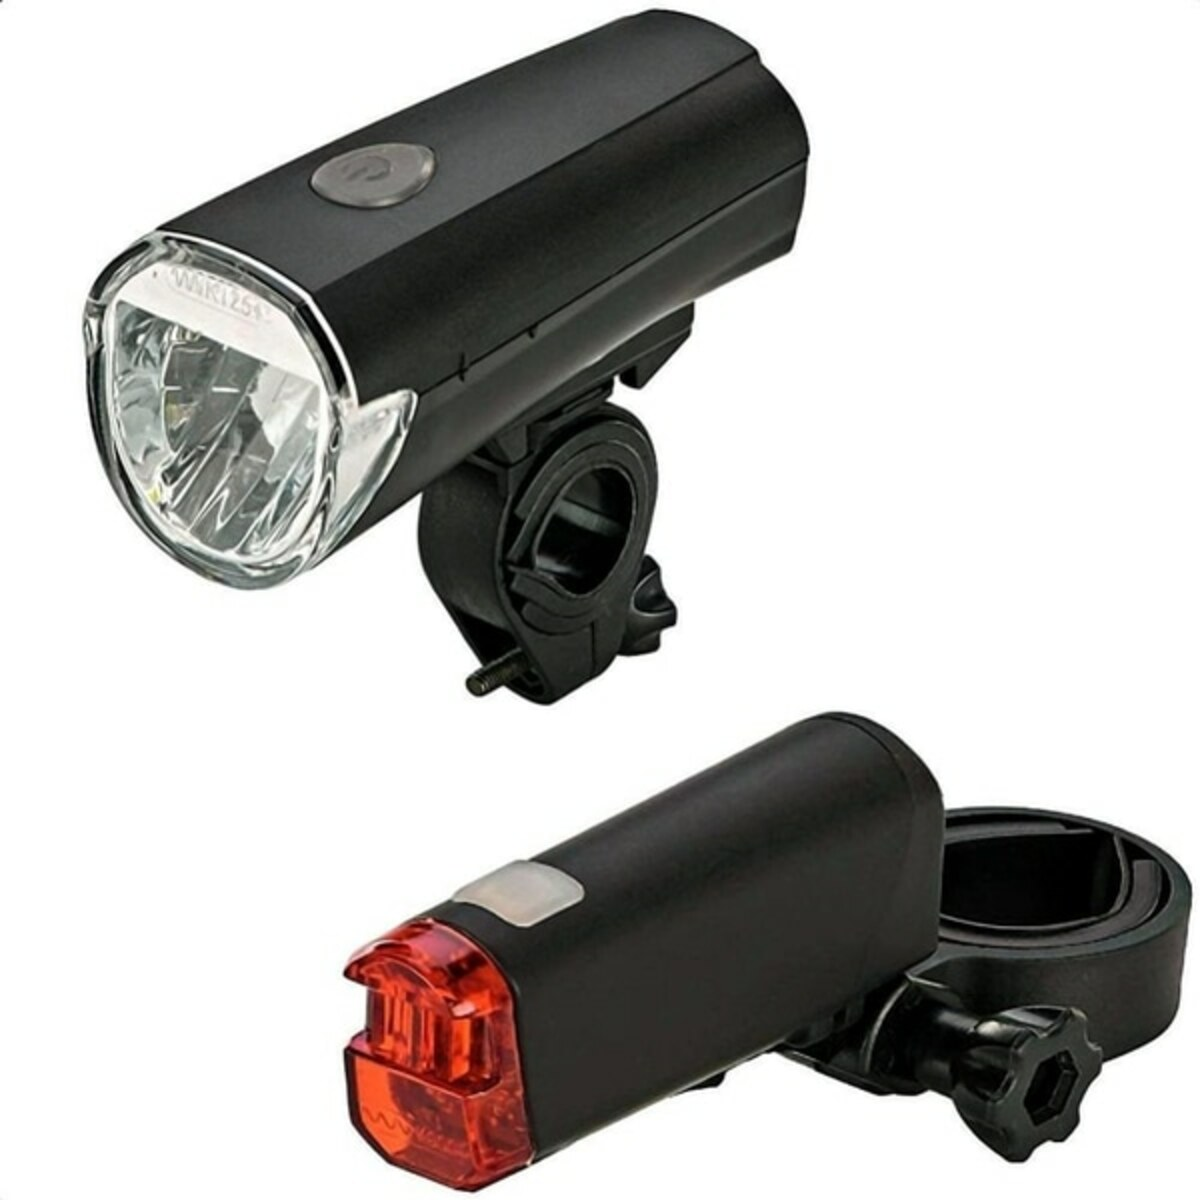 Bild 1 von Prophete - LED-Leuchtenset 30 Lux